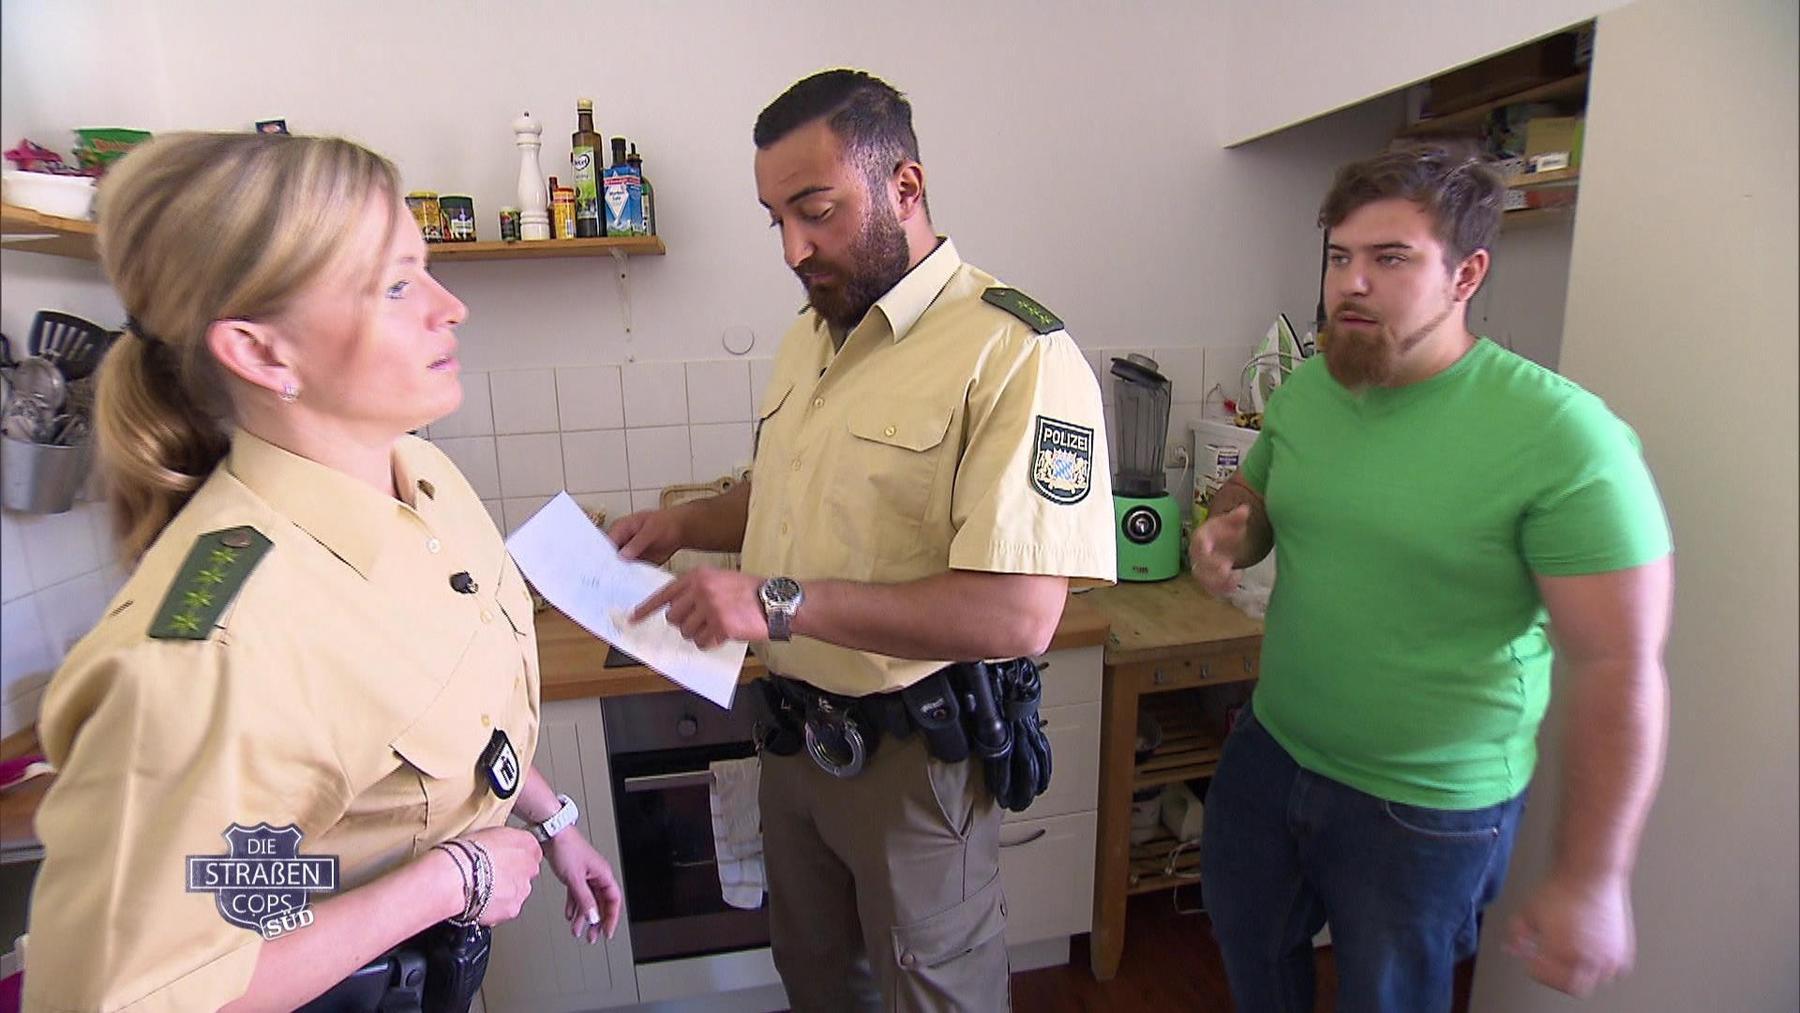 Jugendlicher glaubt, dass seine Freundin entführt wurde   Geschwister verkaufen Diebesgut auf dem Flohmarkt   Folge 19